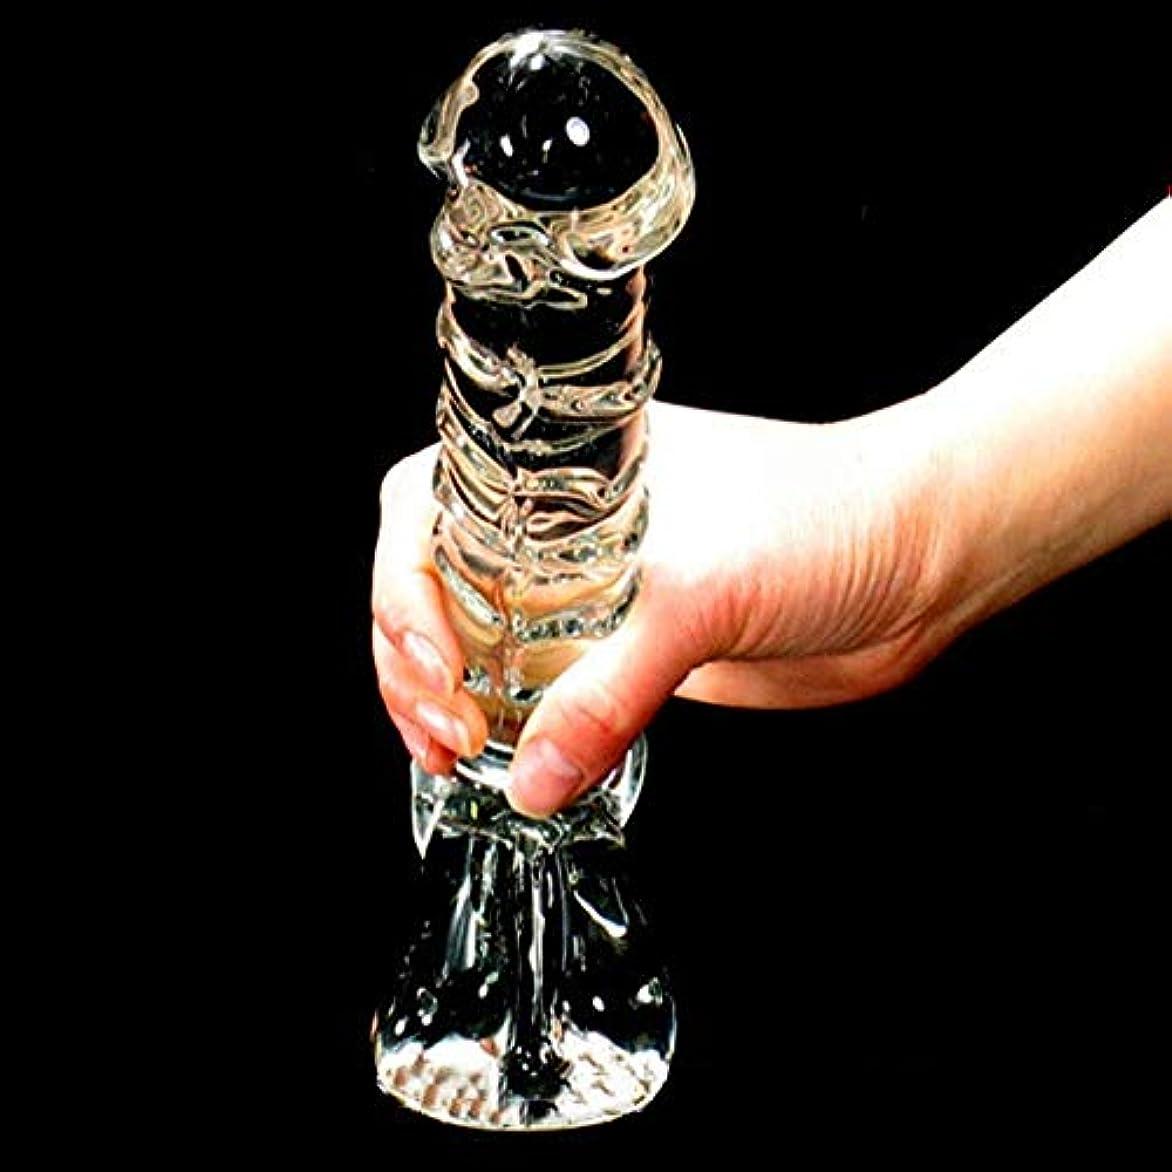 KGJJHYBGTOY オナニー女性ガラス大きなガラスペニス大人のガラスウェア大人向け製品 RELAX MASSAGE BODY